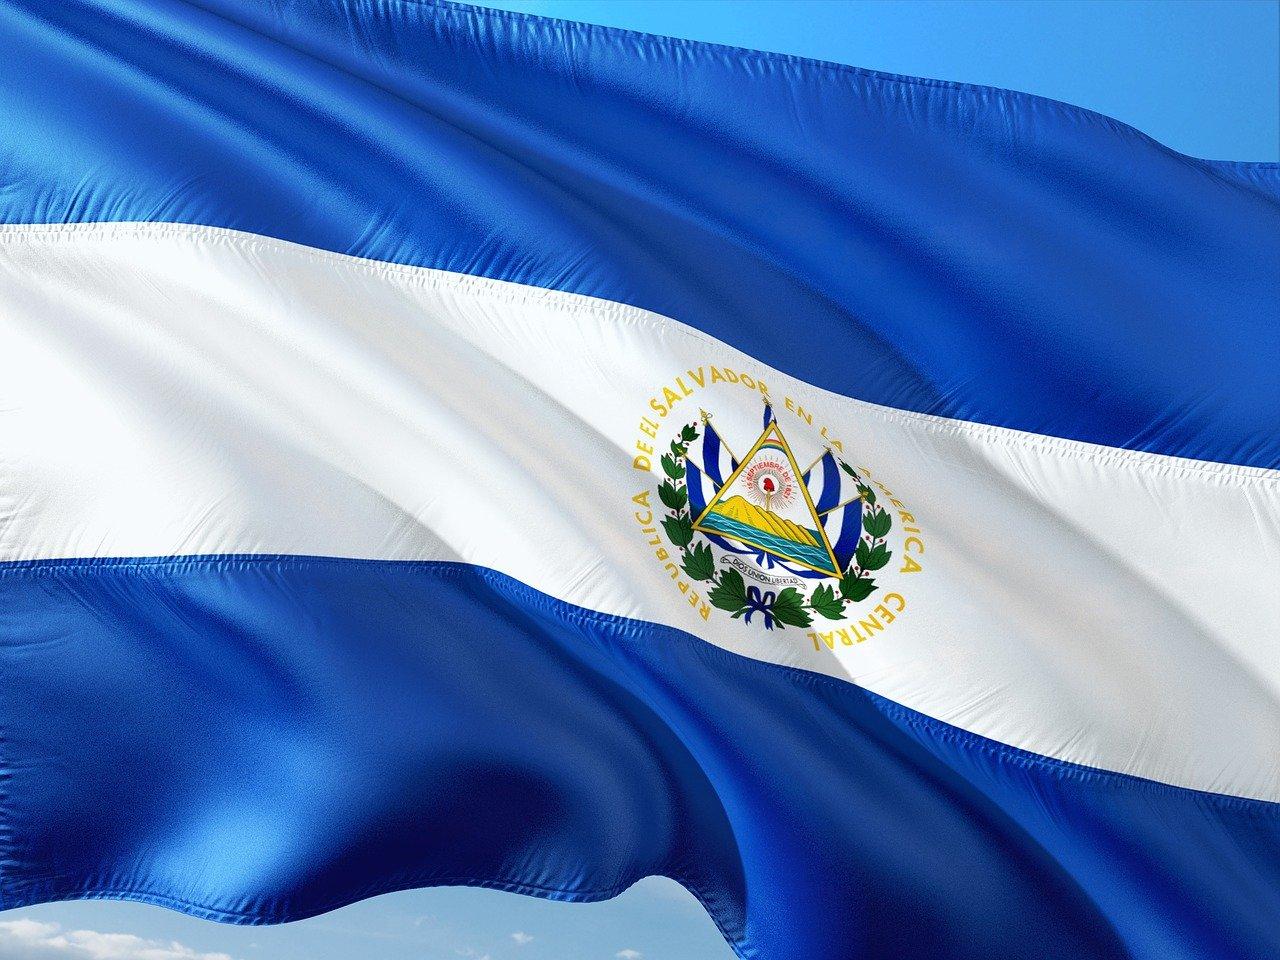 السلفادور! نعم السلفادور! لا اميركا و لا الصين ولا ايران